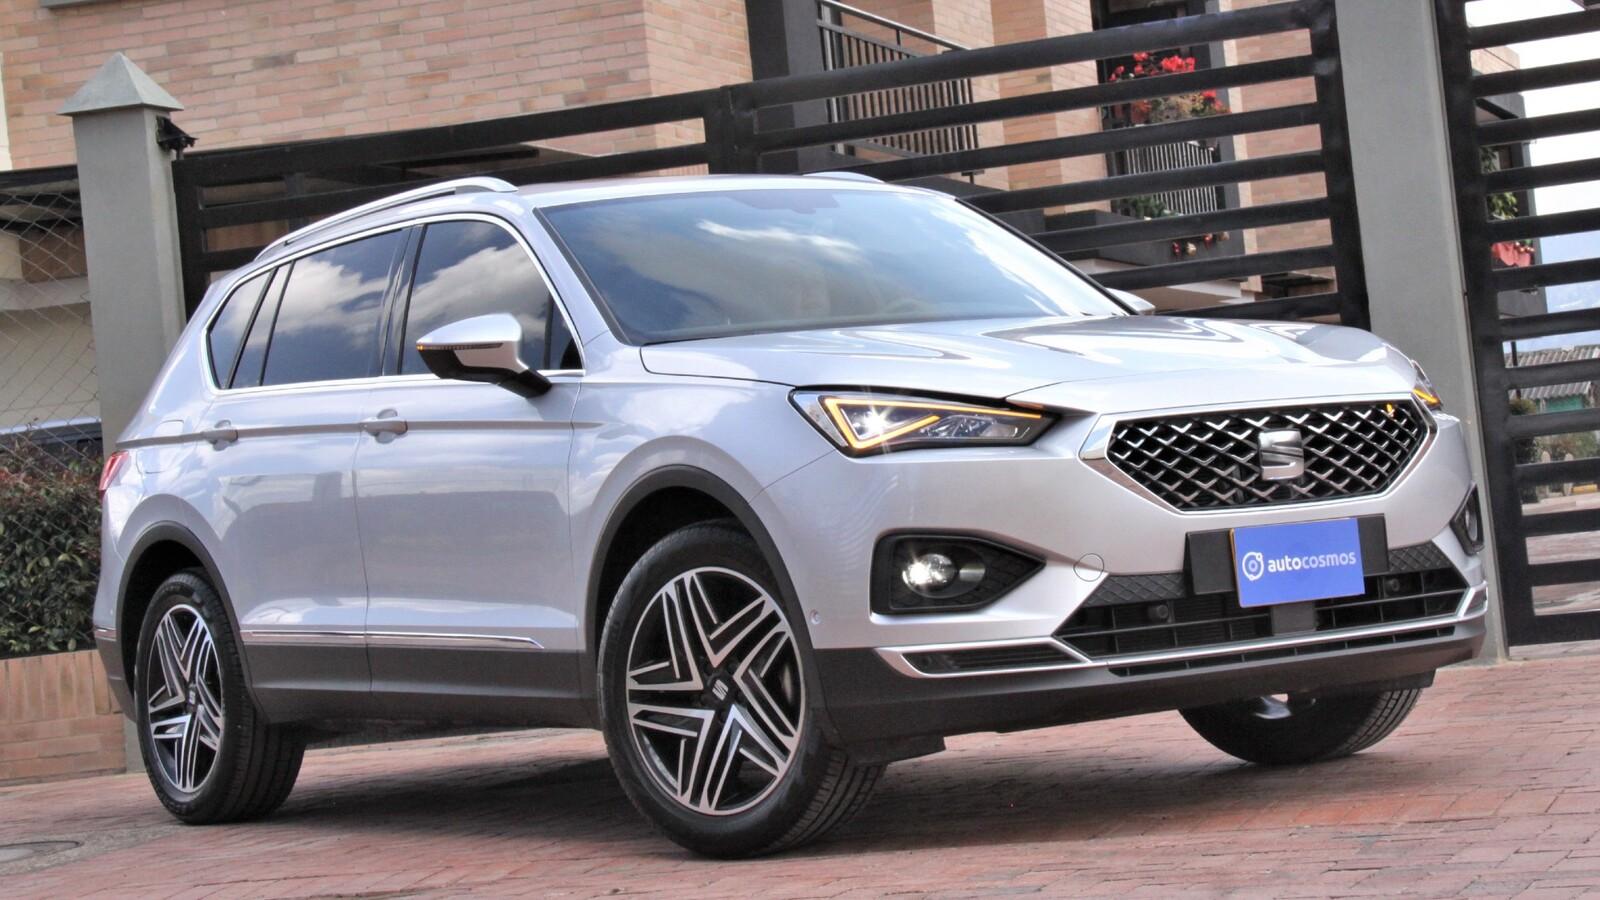 Seat Tarraco 2021, prueba de manejo a un SUV con verdadero sabor familiar